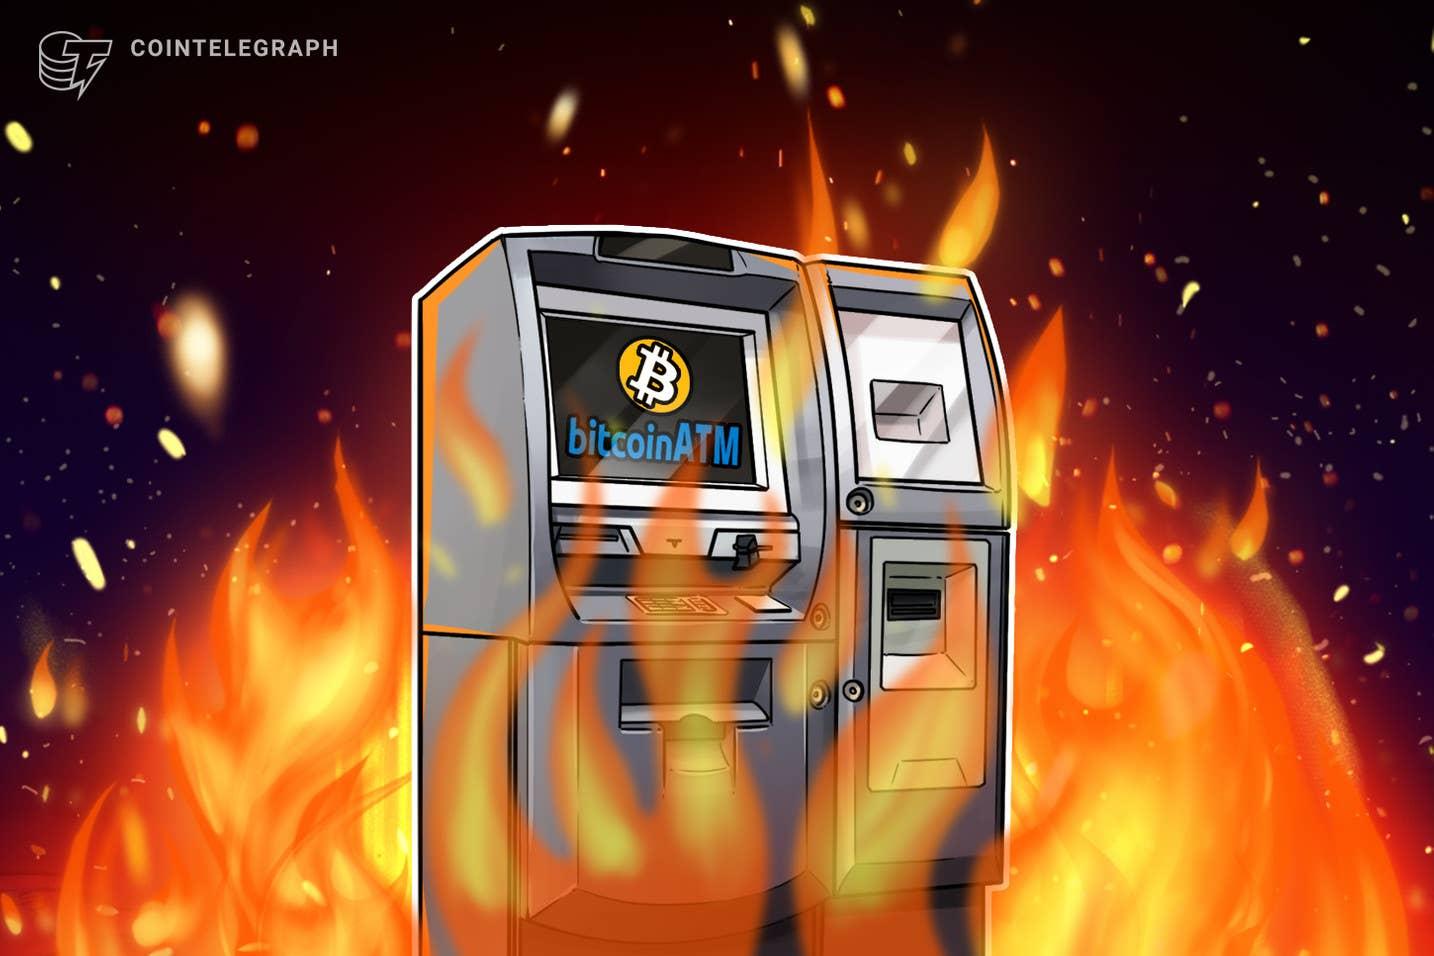 Manifestantes queimam ATM Bitcoin como parte da manifestação contra o presidente de El Salvador